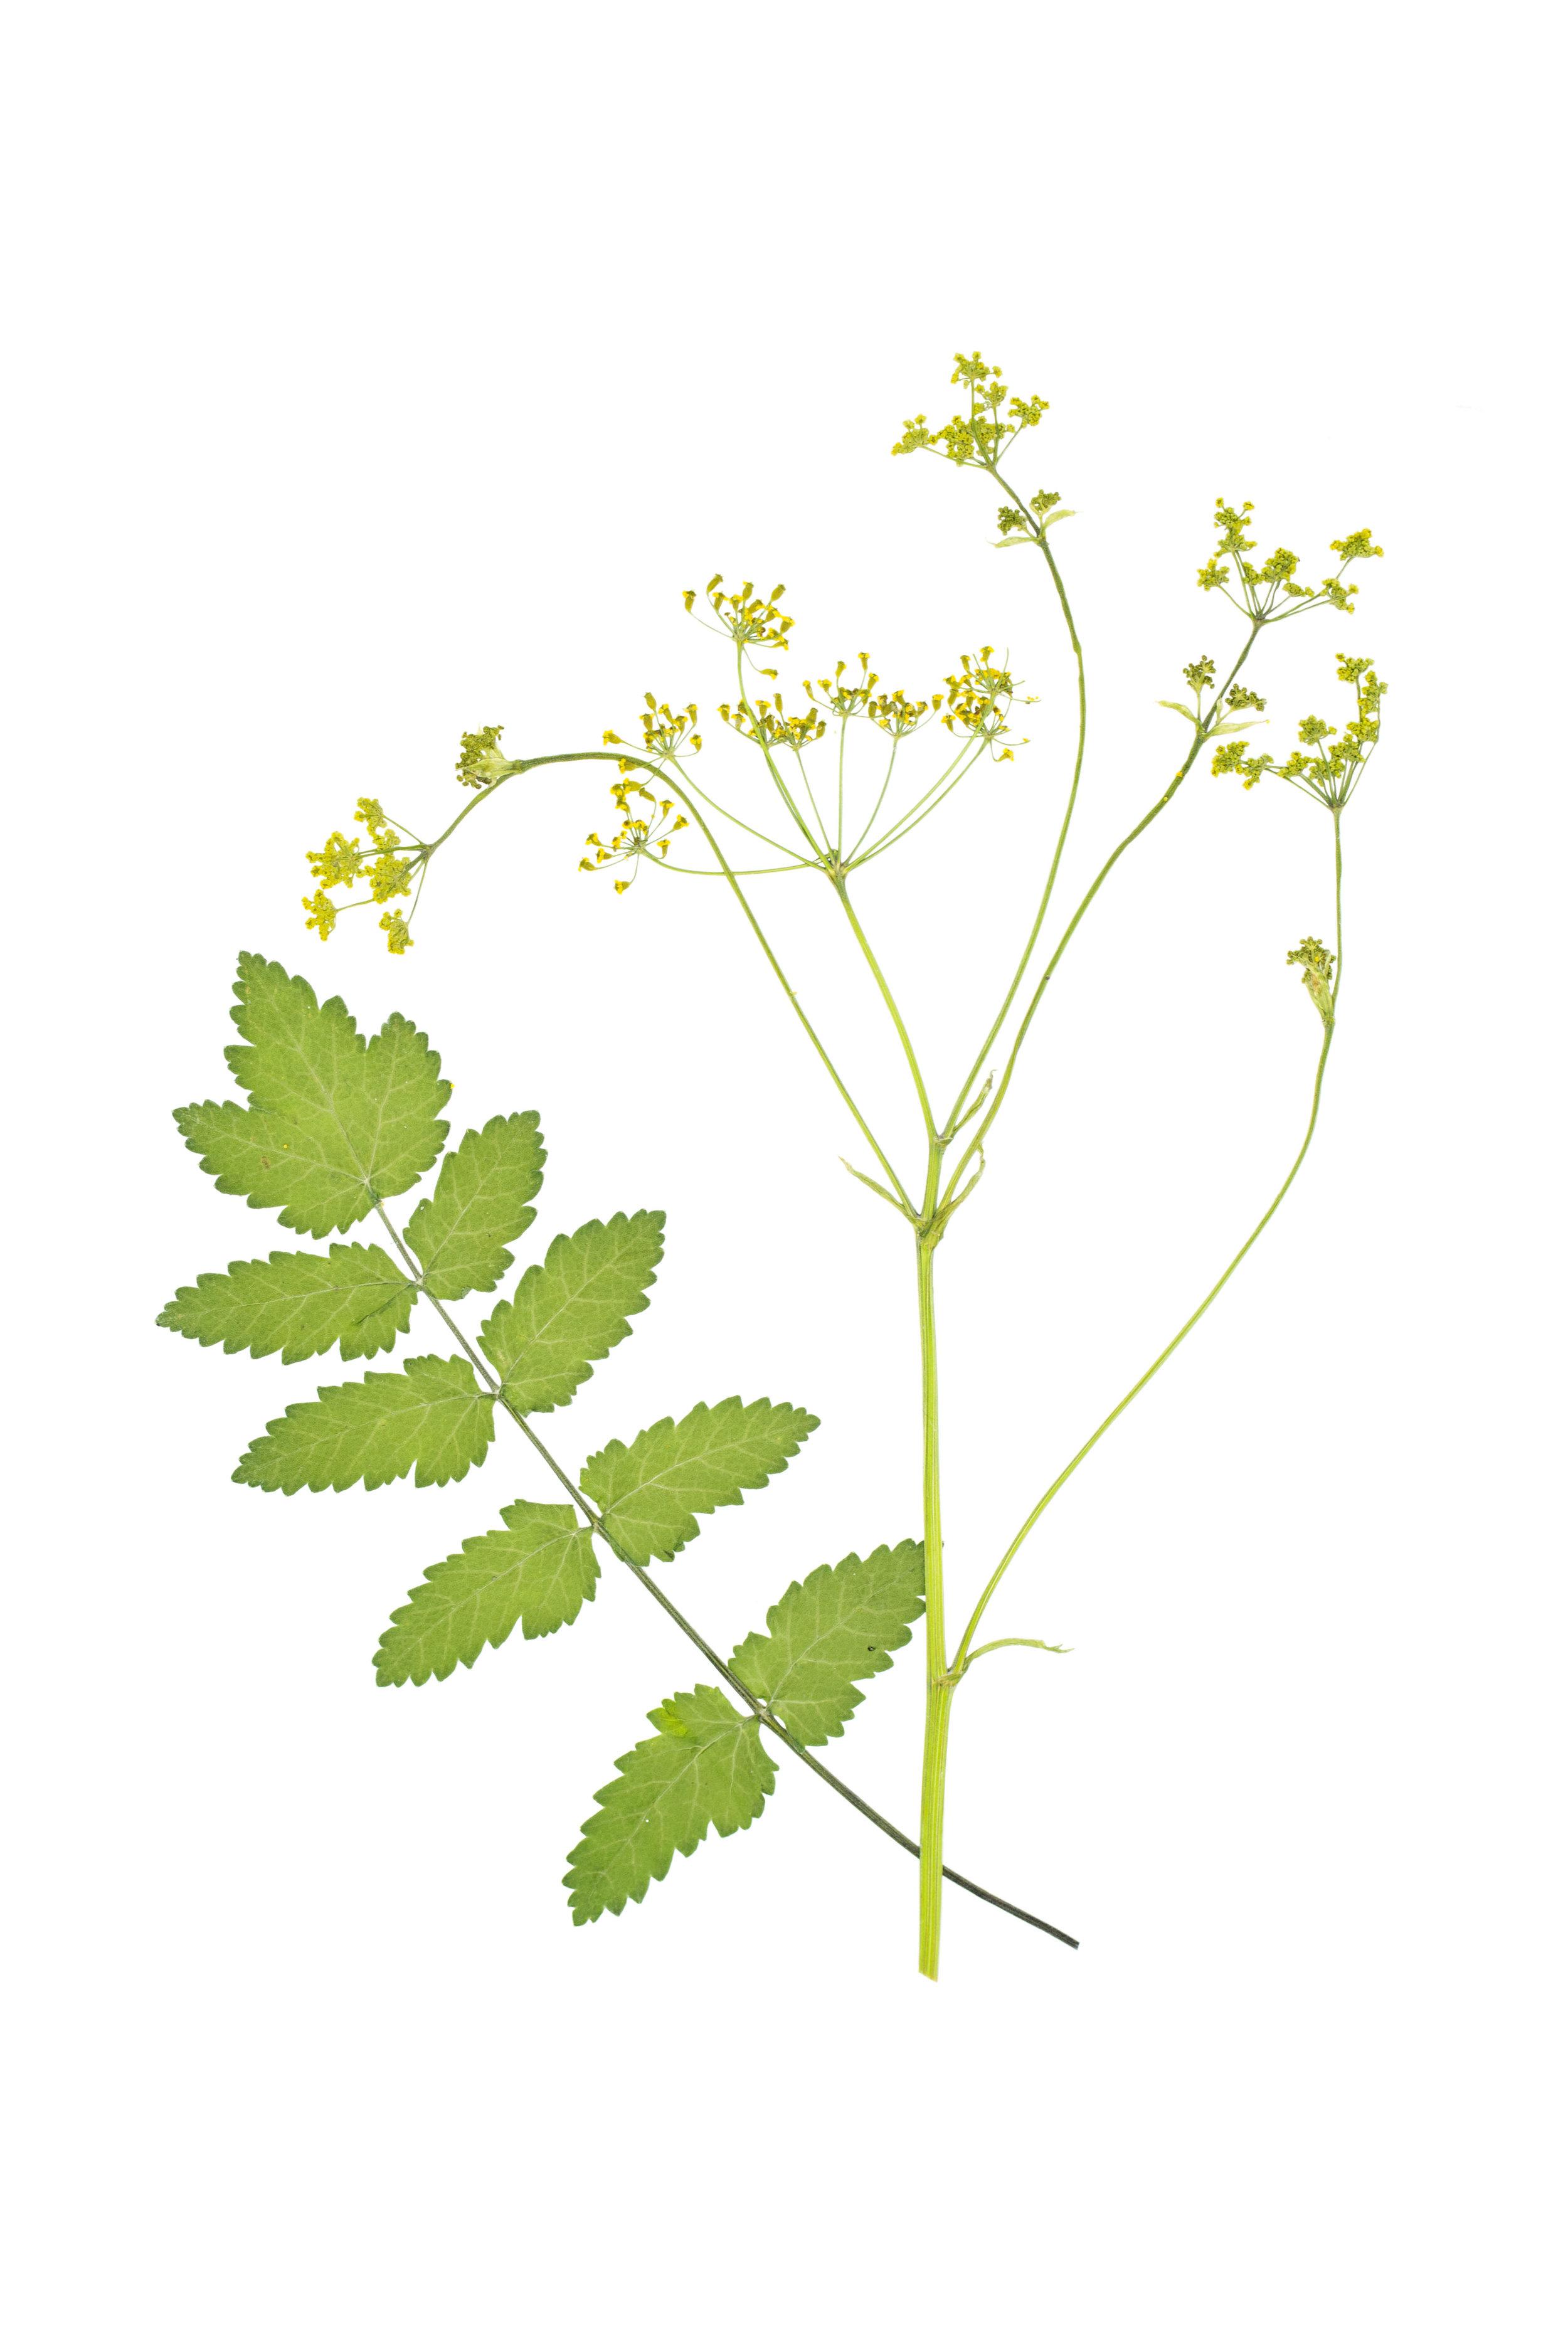 Wild Parsnip / Pastinaca sativa